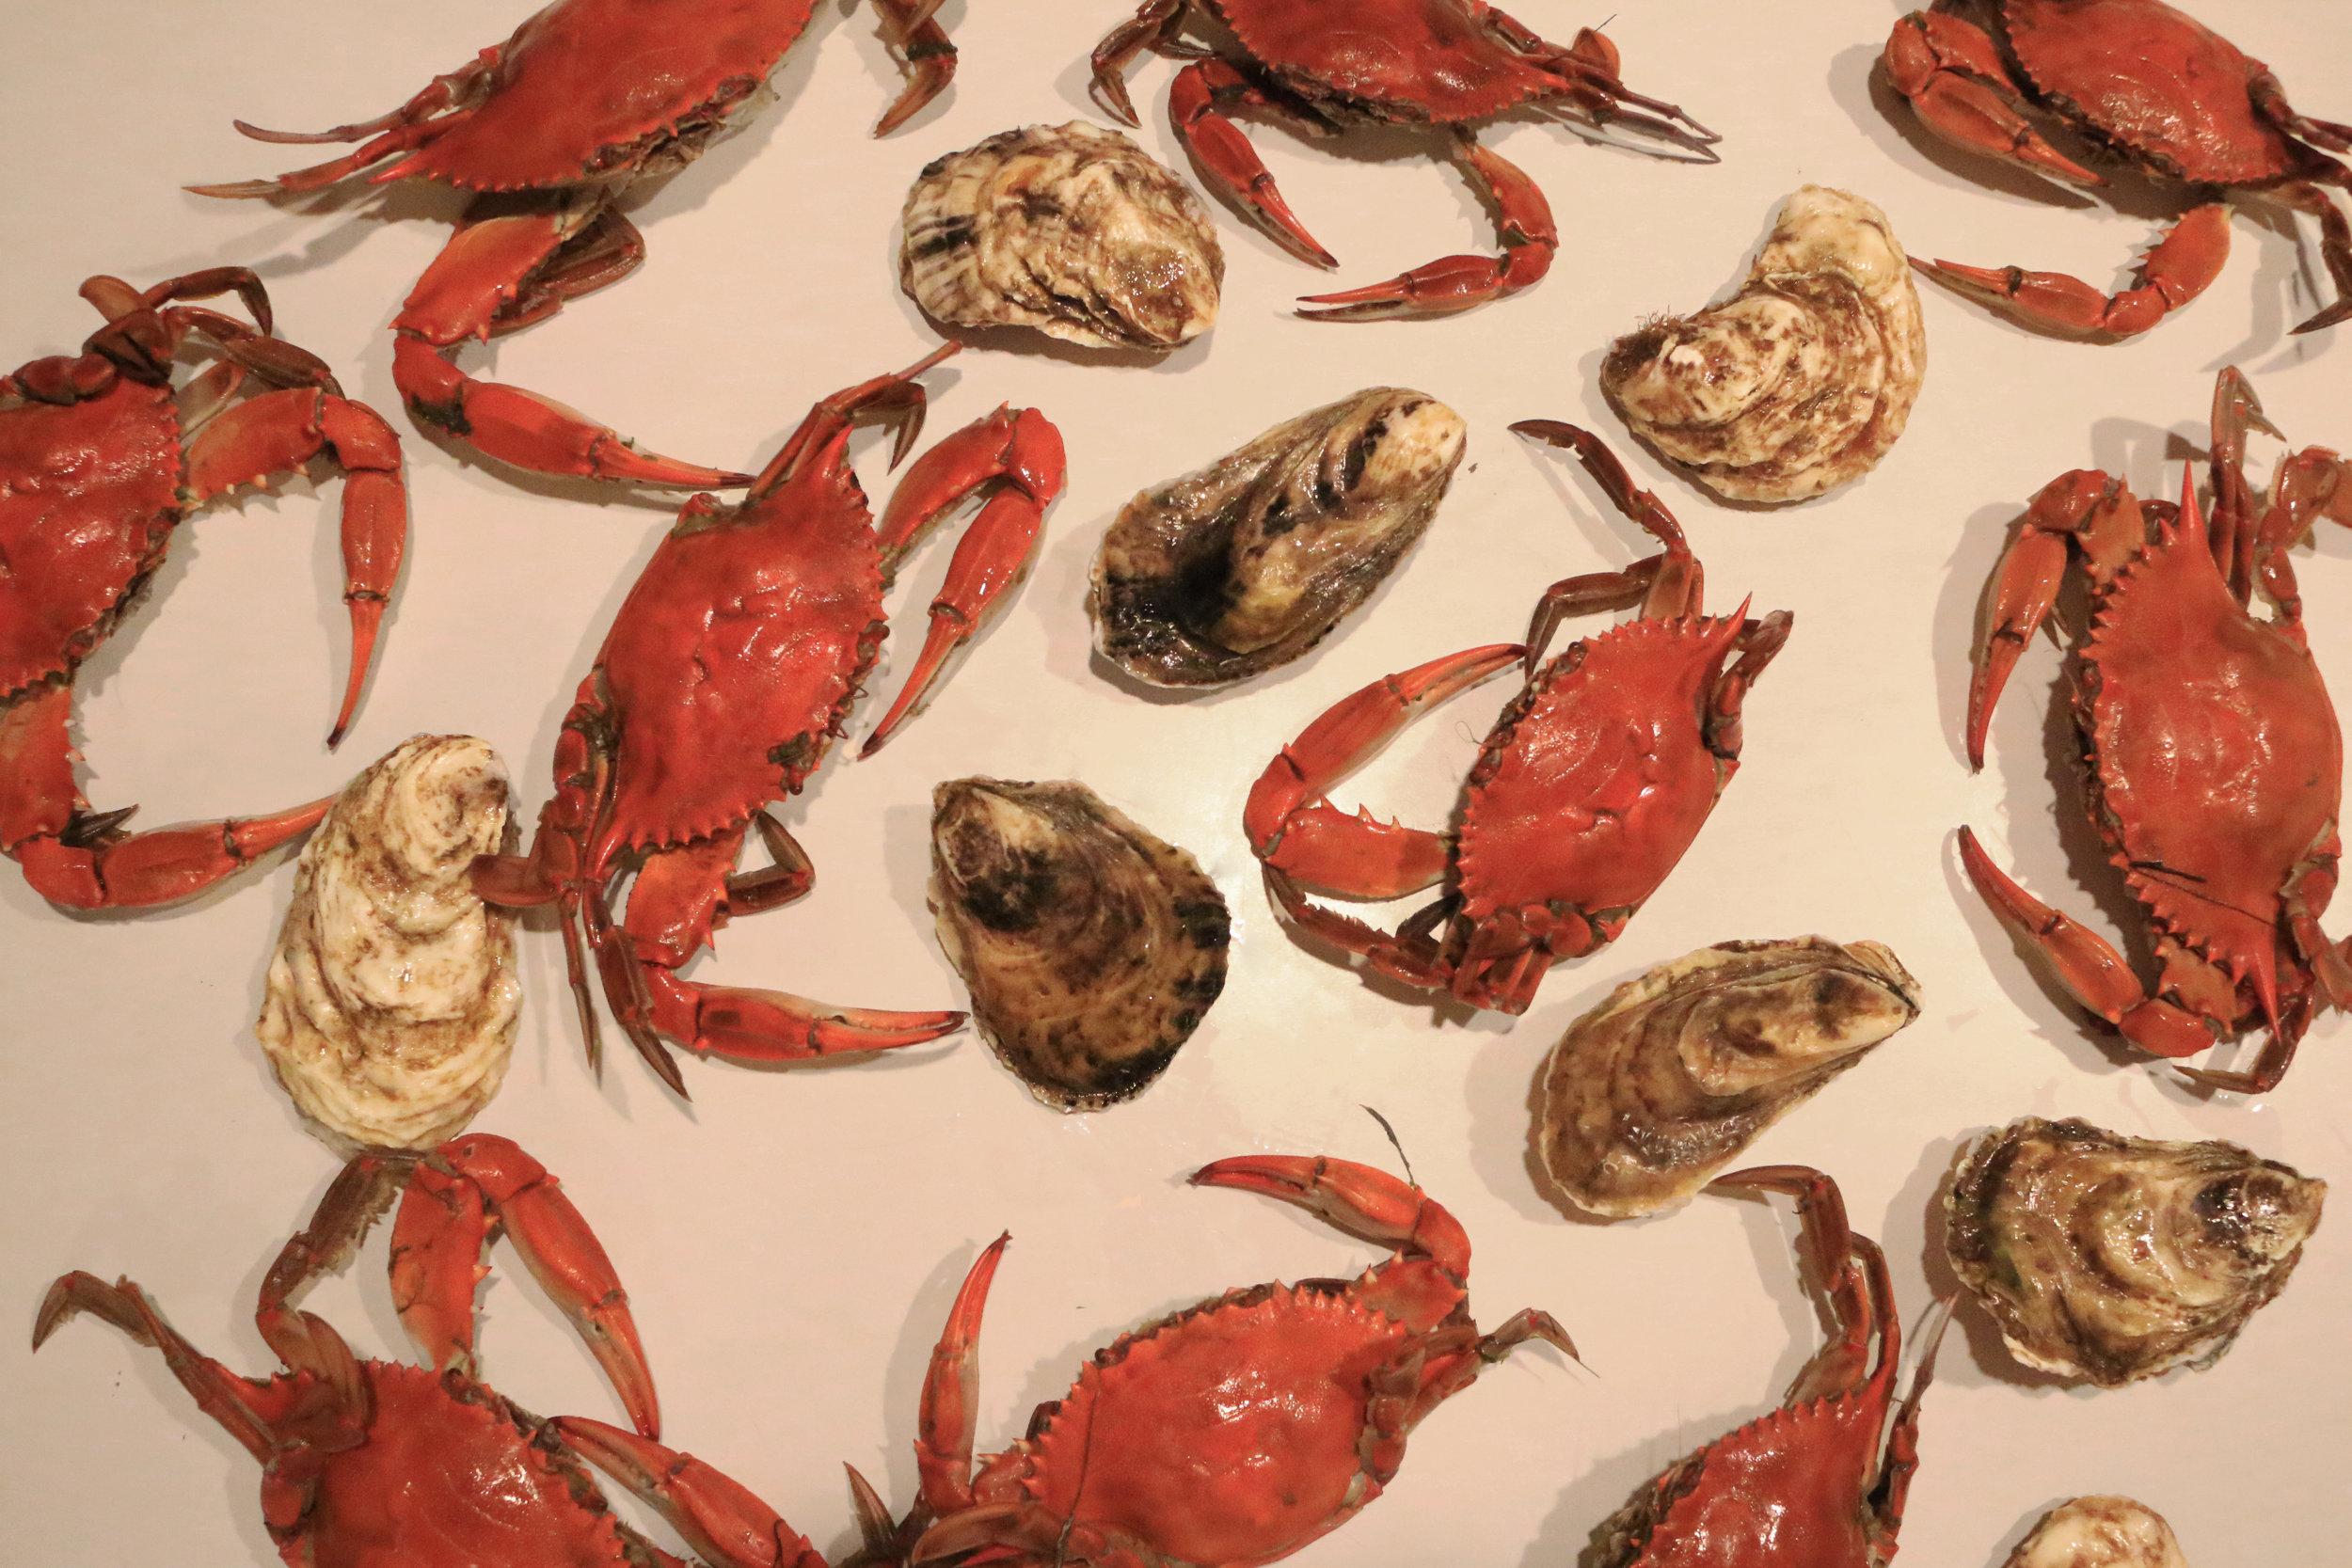 Seared Scallops-coconut crab-gourmandesante